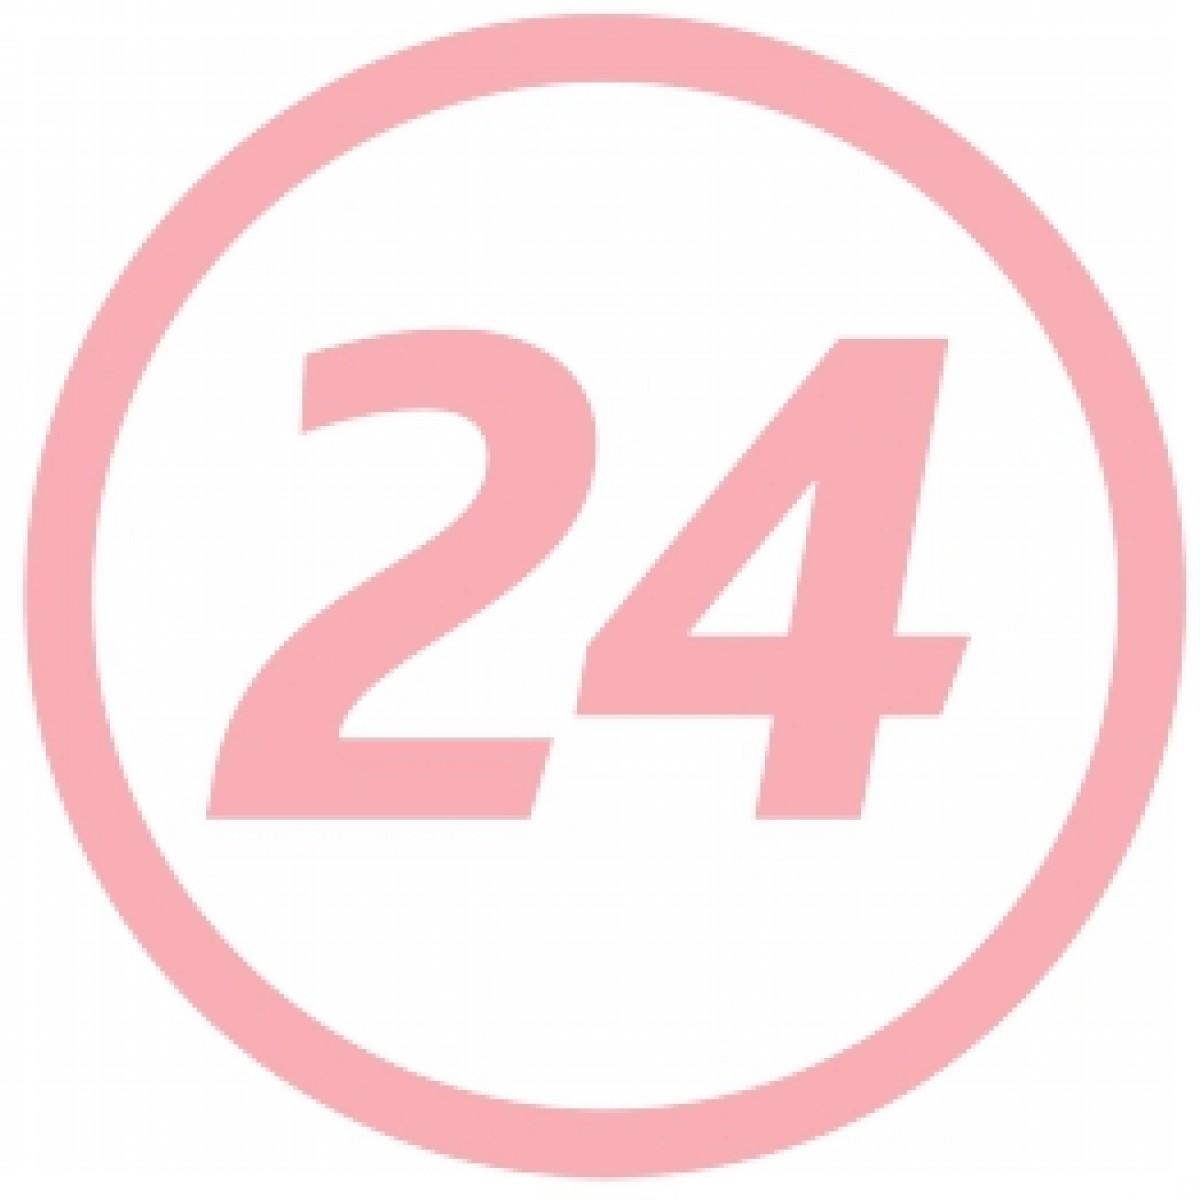 NUK Suzeta Din Latex DISNEY Pentru Somn, Marimea 2 (6-18 Luni), Suzeta, 1 buc